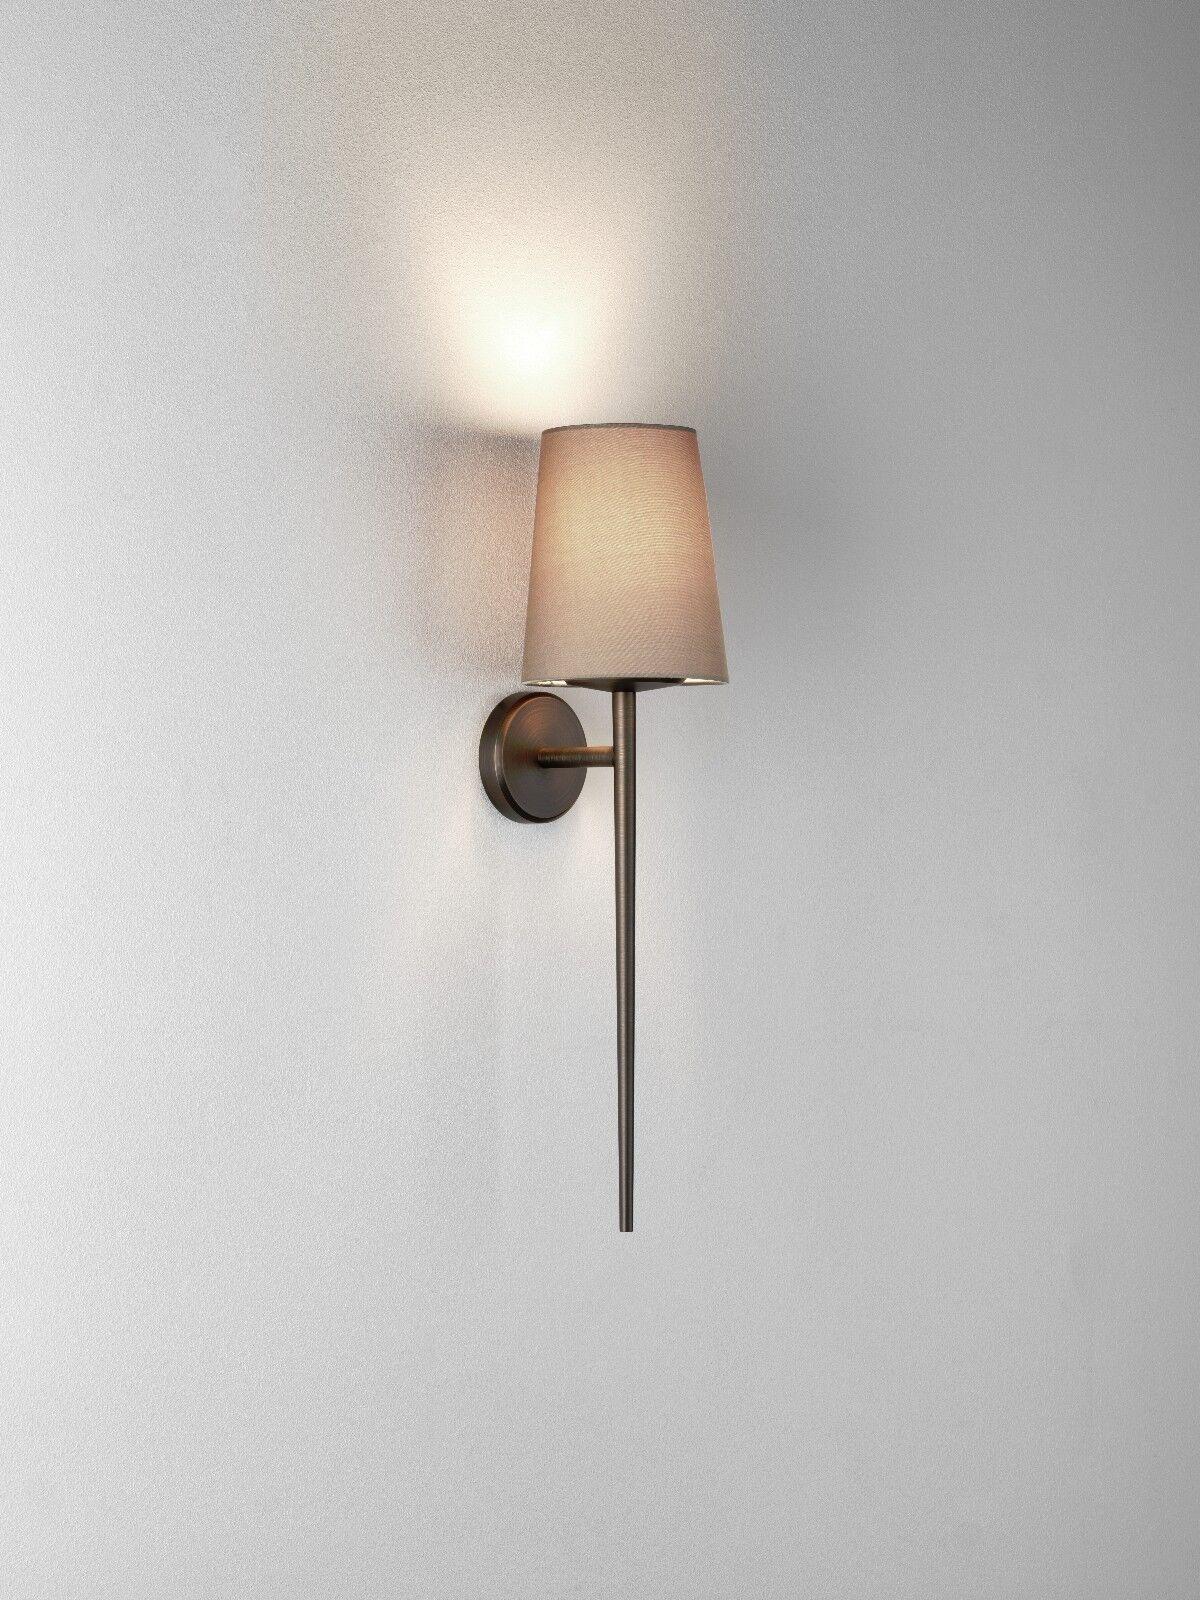 Astro 7981 deauville unique salle de bain bain de mur lumière bronze plaqué finition 039798